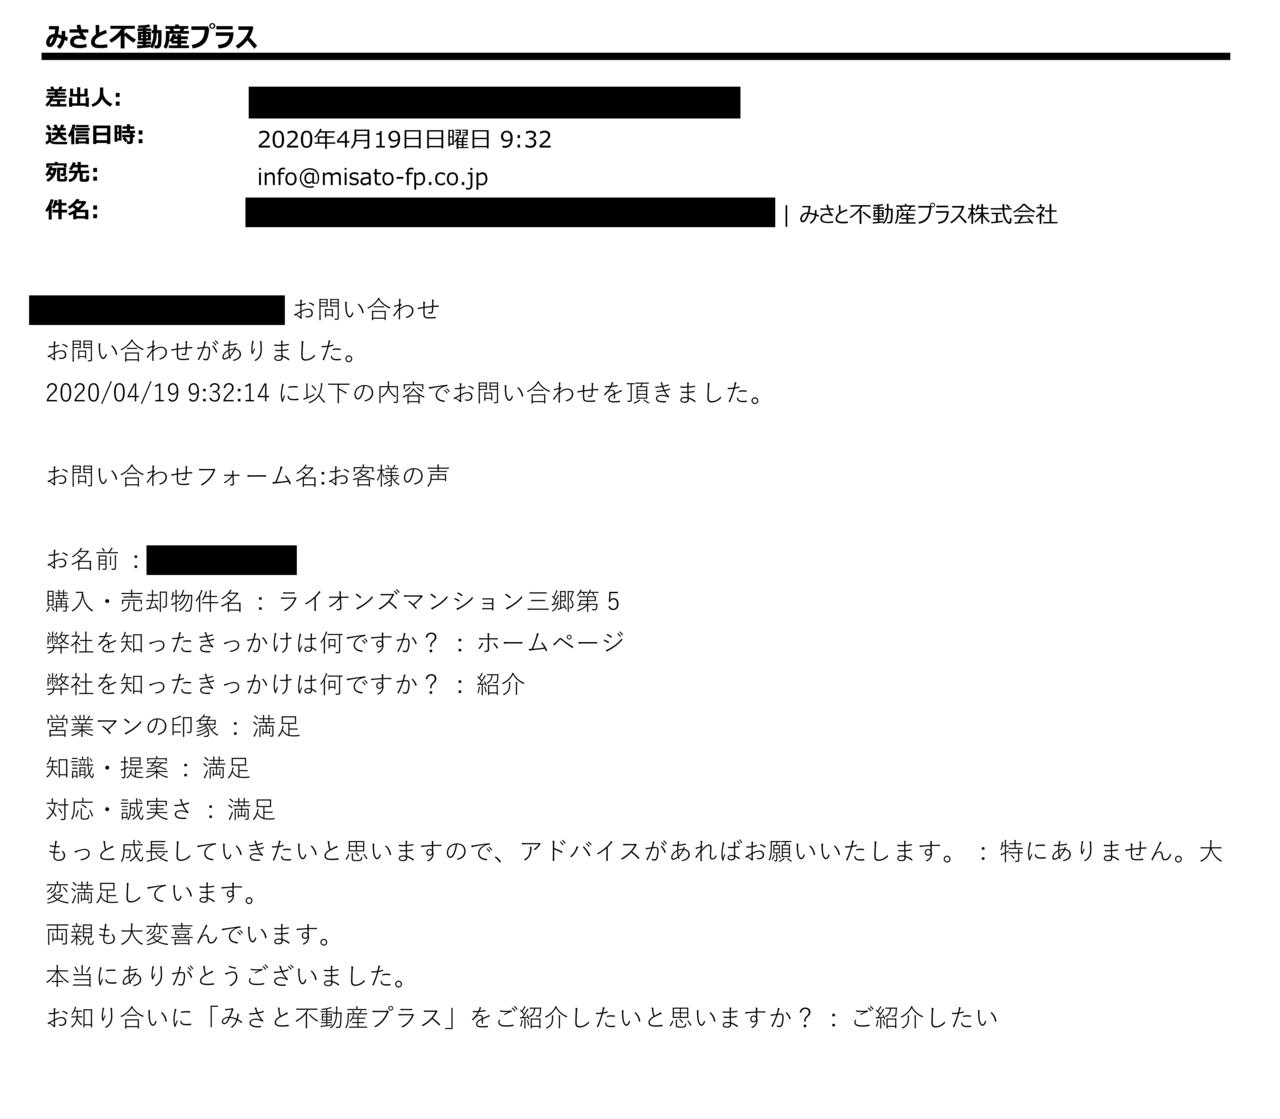 【お客様の声】三郷駅 中古マンション「ライオンズマンション三郷第5」